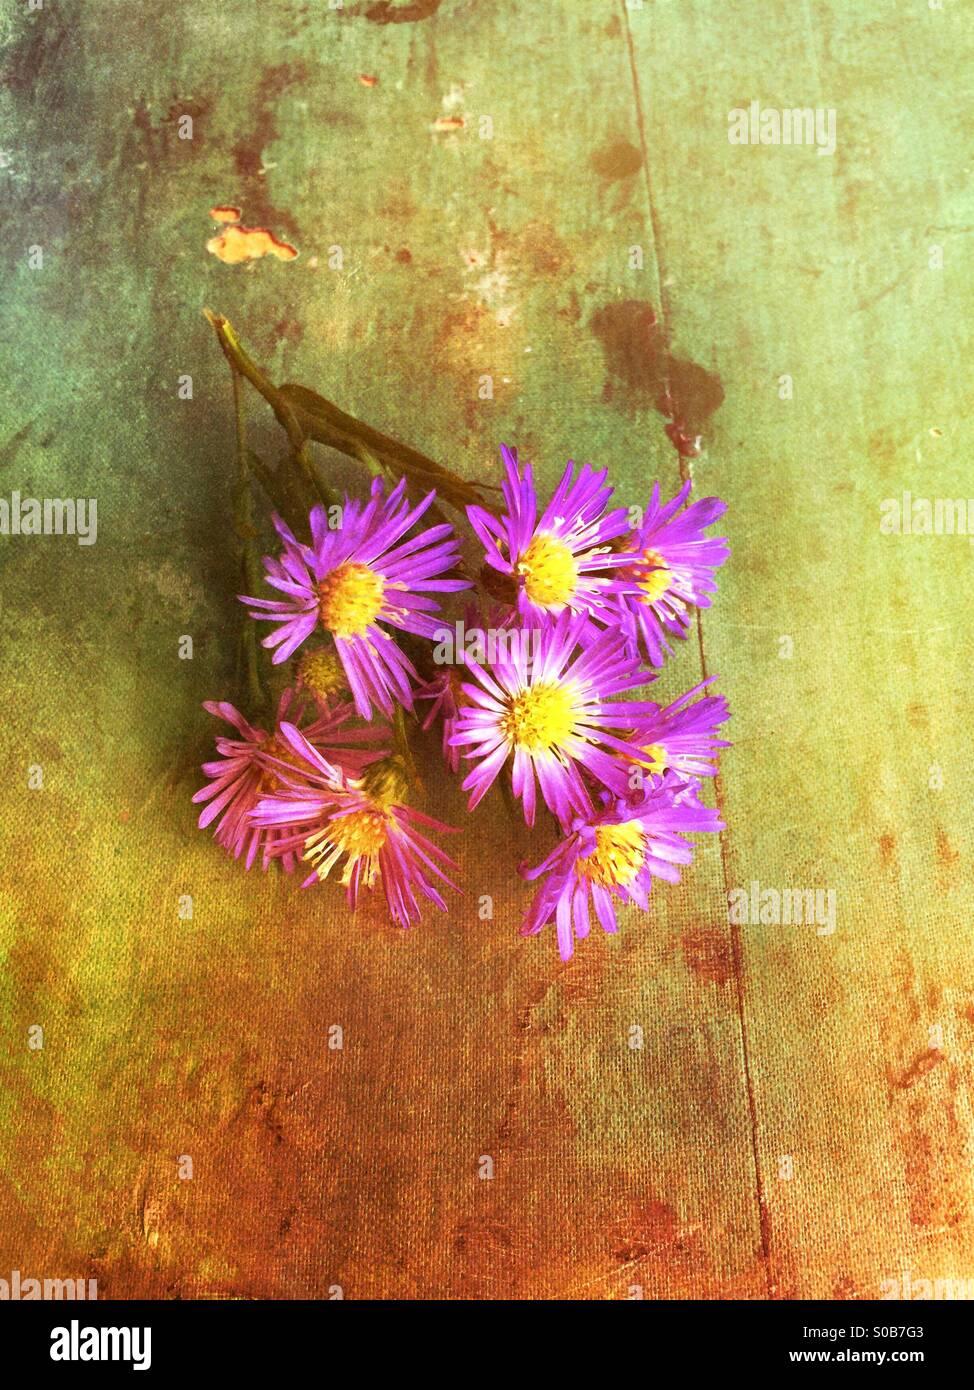 Lila Gerbera-Blüten auf einem Grunge Hintergrund Stockbild